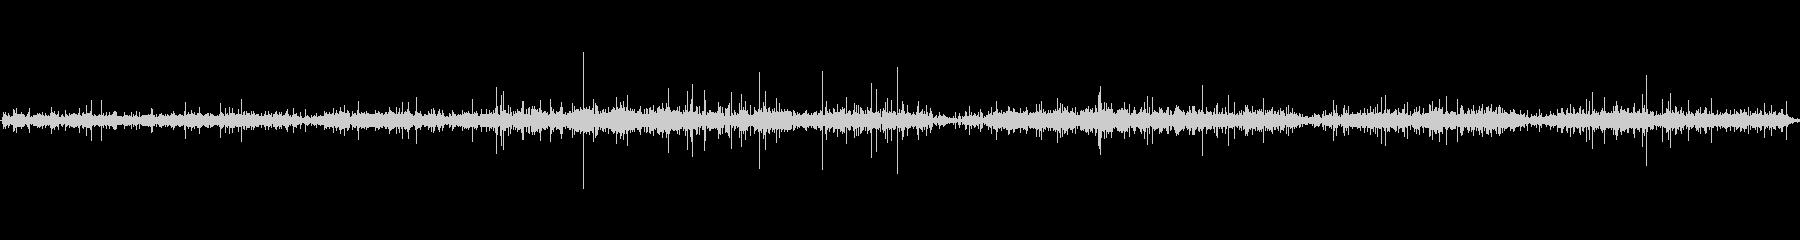 ヒューズの燃焼1の未再生の波形